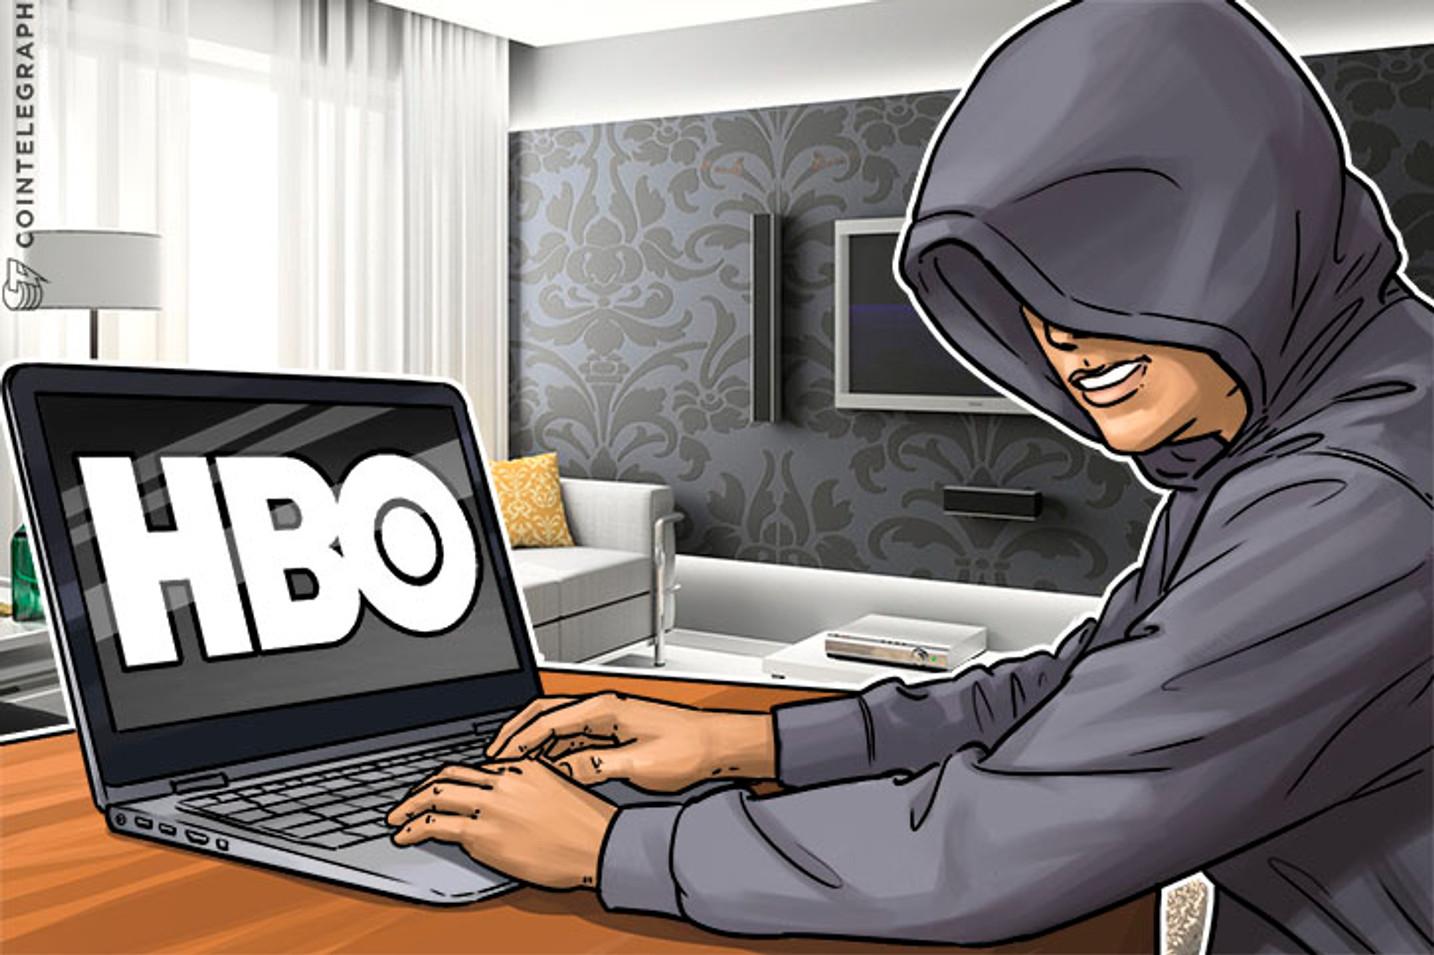 Aposta de US$ 250.000 em Bitcoin da HBO falha à medida que hackers continuam  com roubos